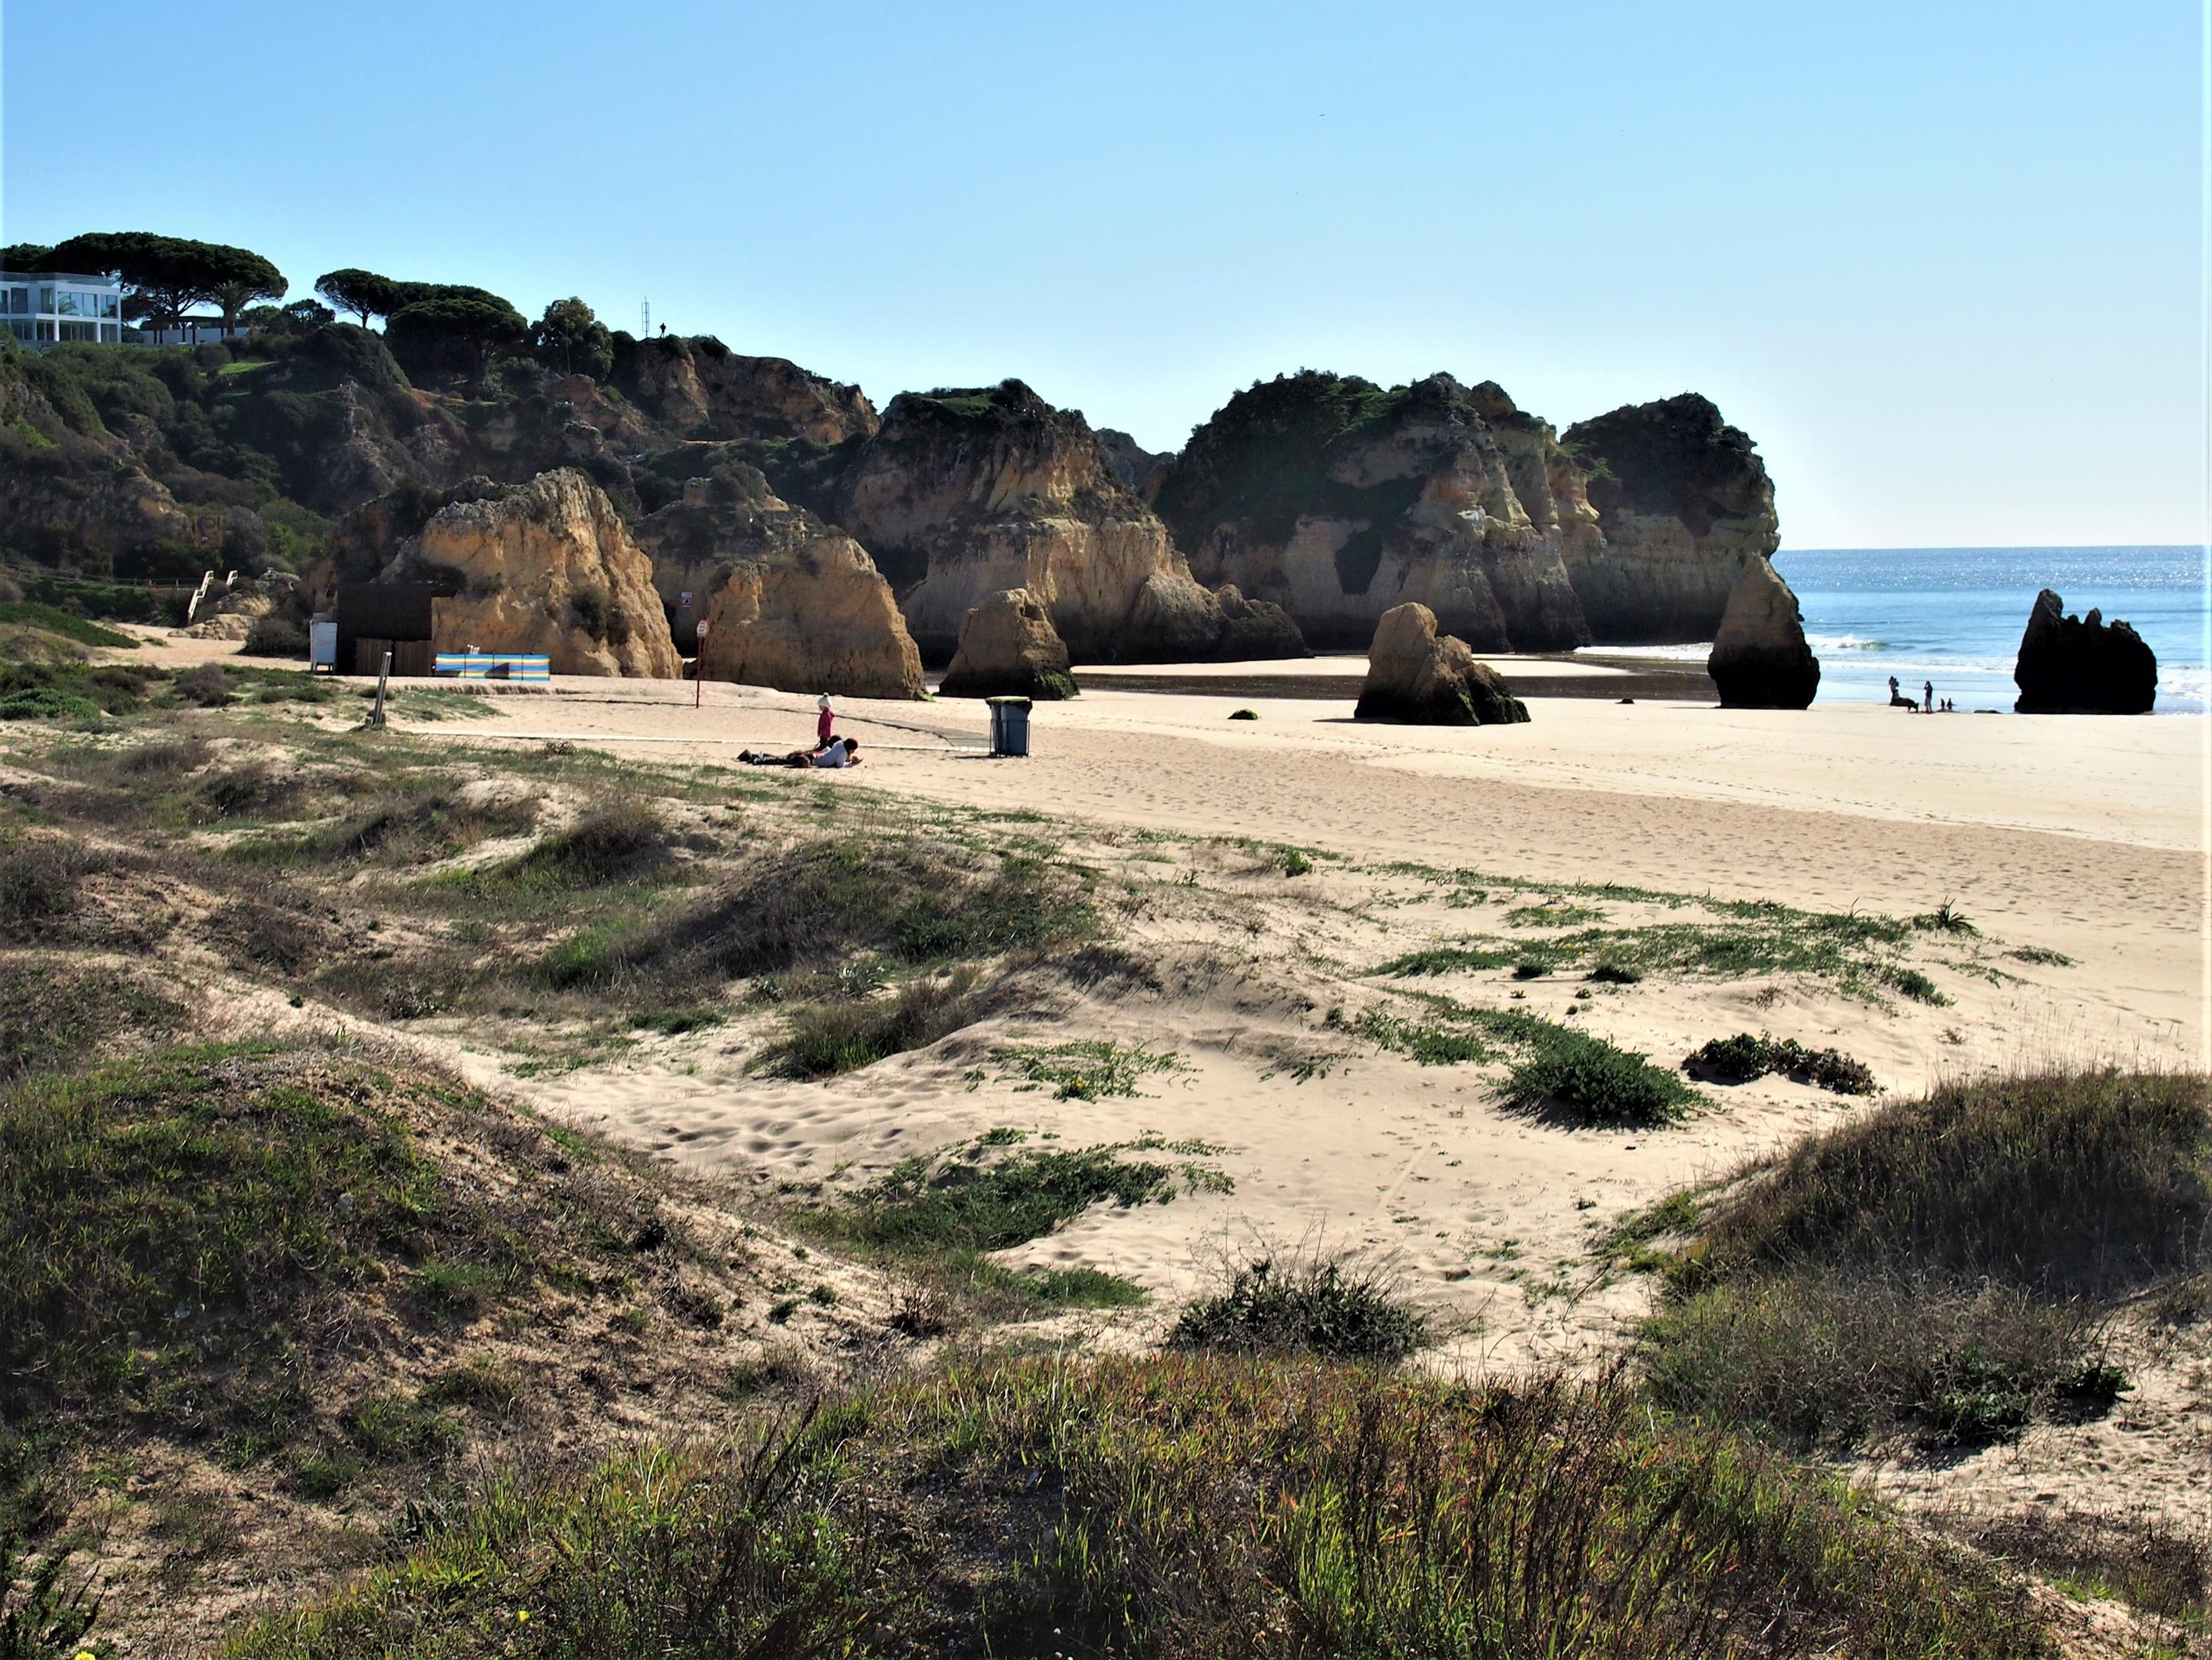 Praia dos Três Irmãos - three brothers beach - at Alvor